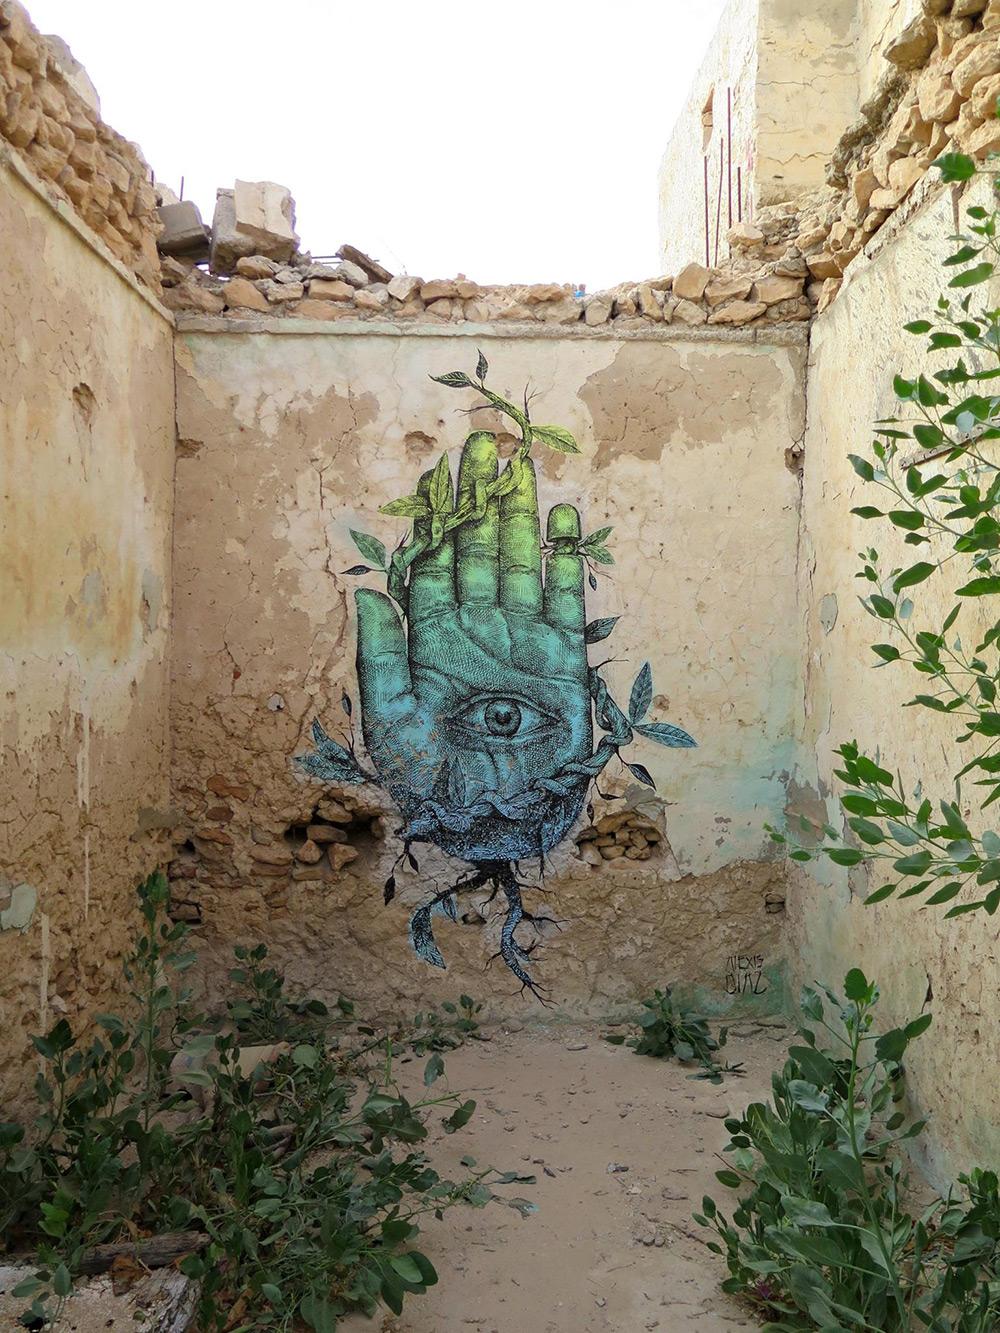 street-art-murali-dipinti-animali-ibridi-surreali-alexis-diax-3